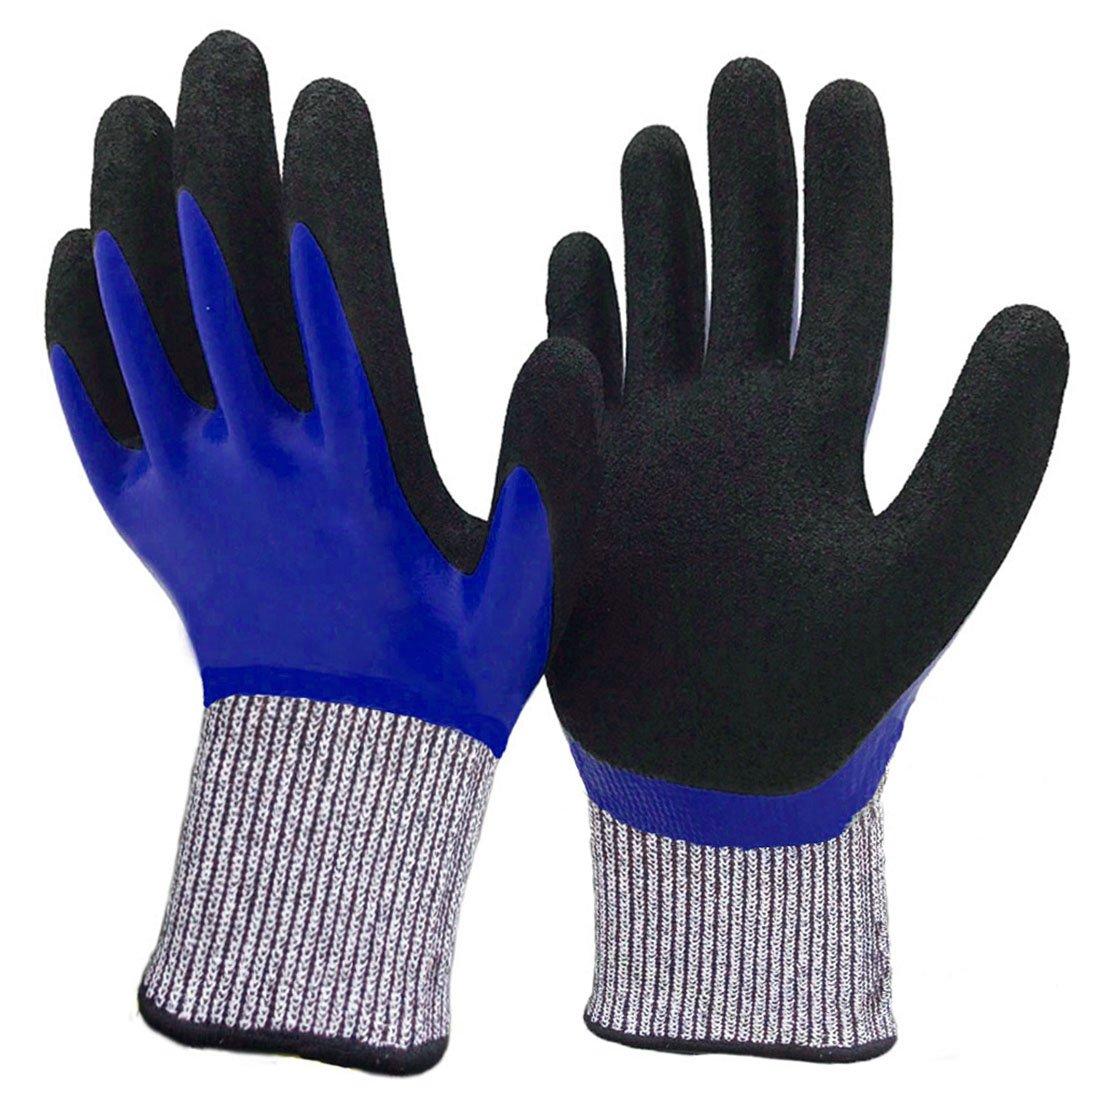 カット耐性手袋、レベル5保護安全手袋の処理の切削、ガラス、木工、メカニック、産業、庭、一般Duty。( Large ,ブラック) B073VQS55G S|Tough-Durable Tough-Durable S